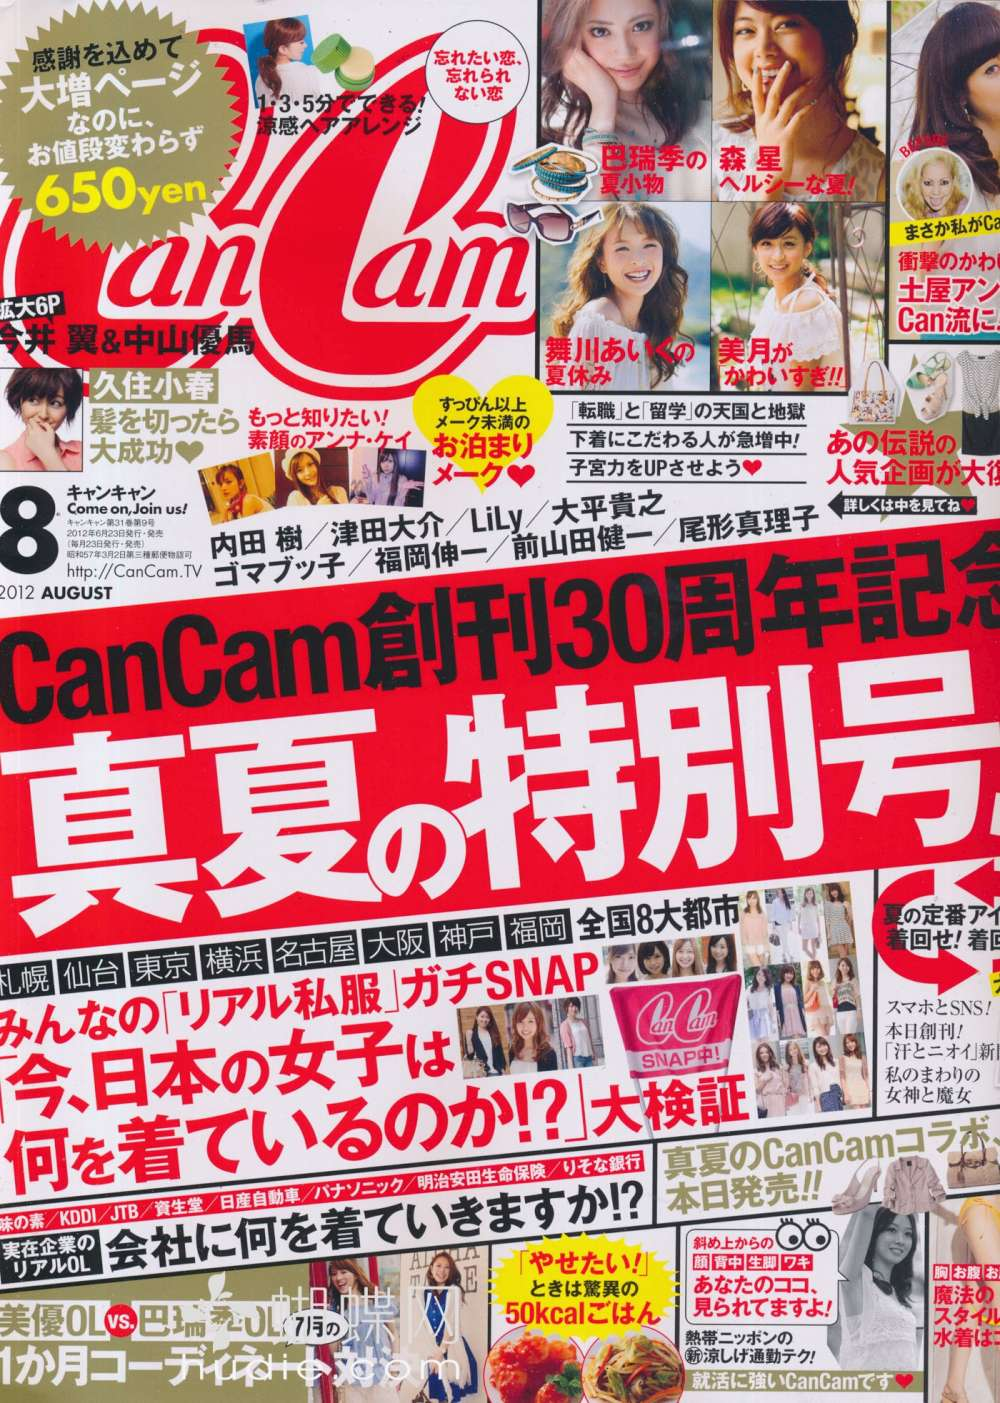 20160809.01.07 CanCam (2012.08) 001 (JPOP.ru).jpg